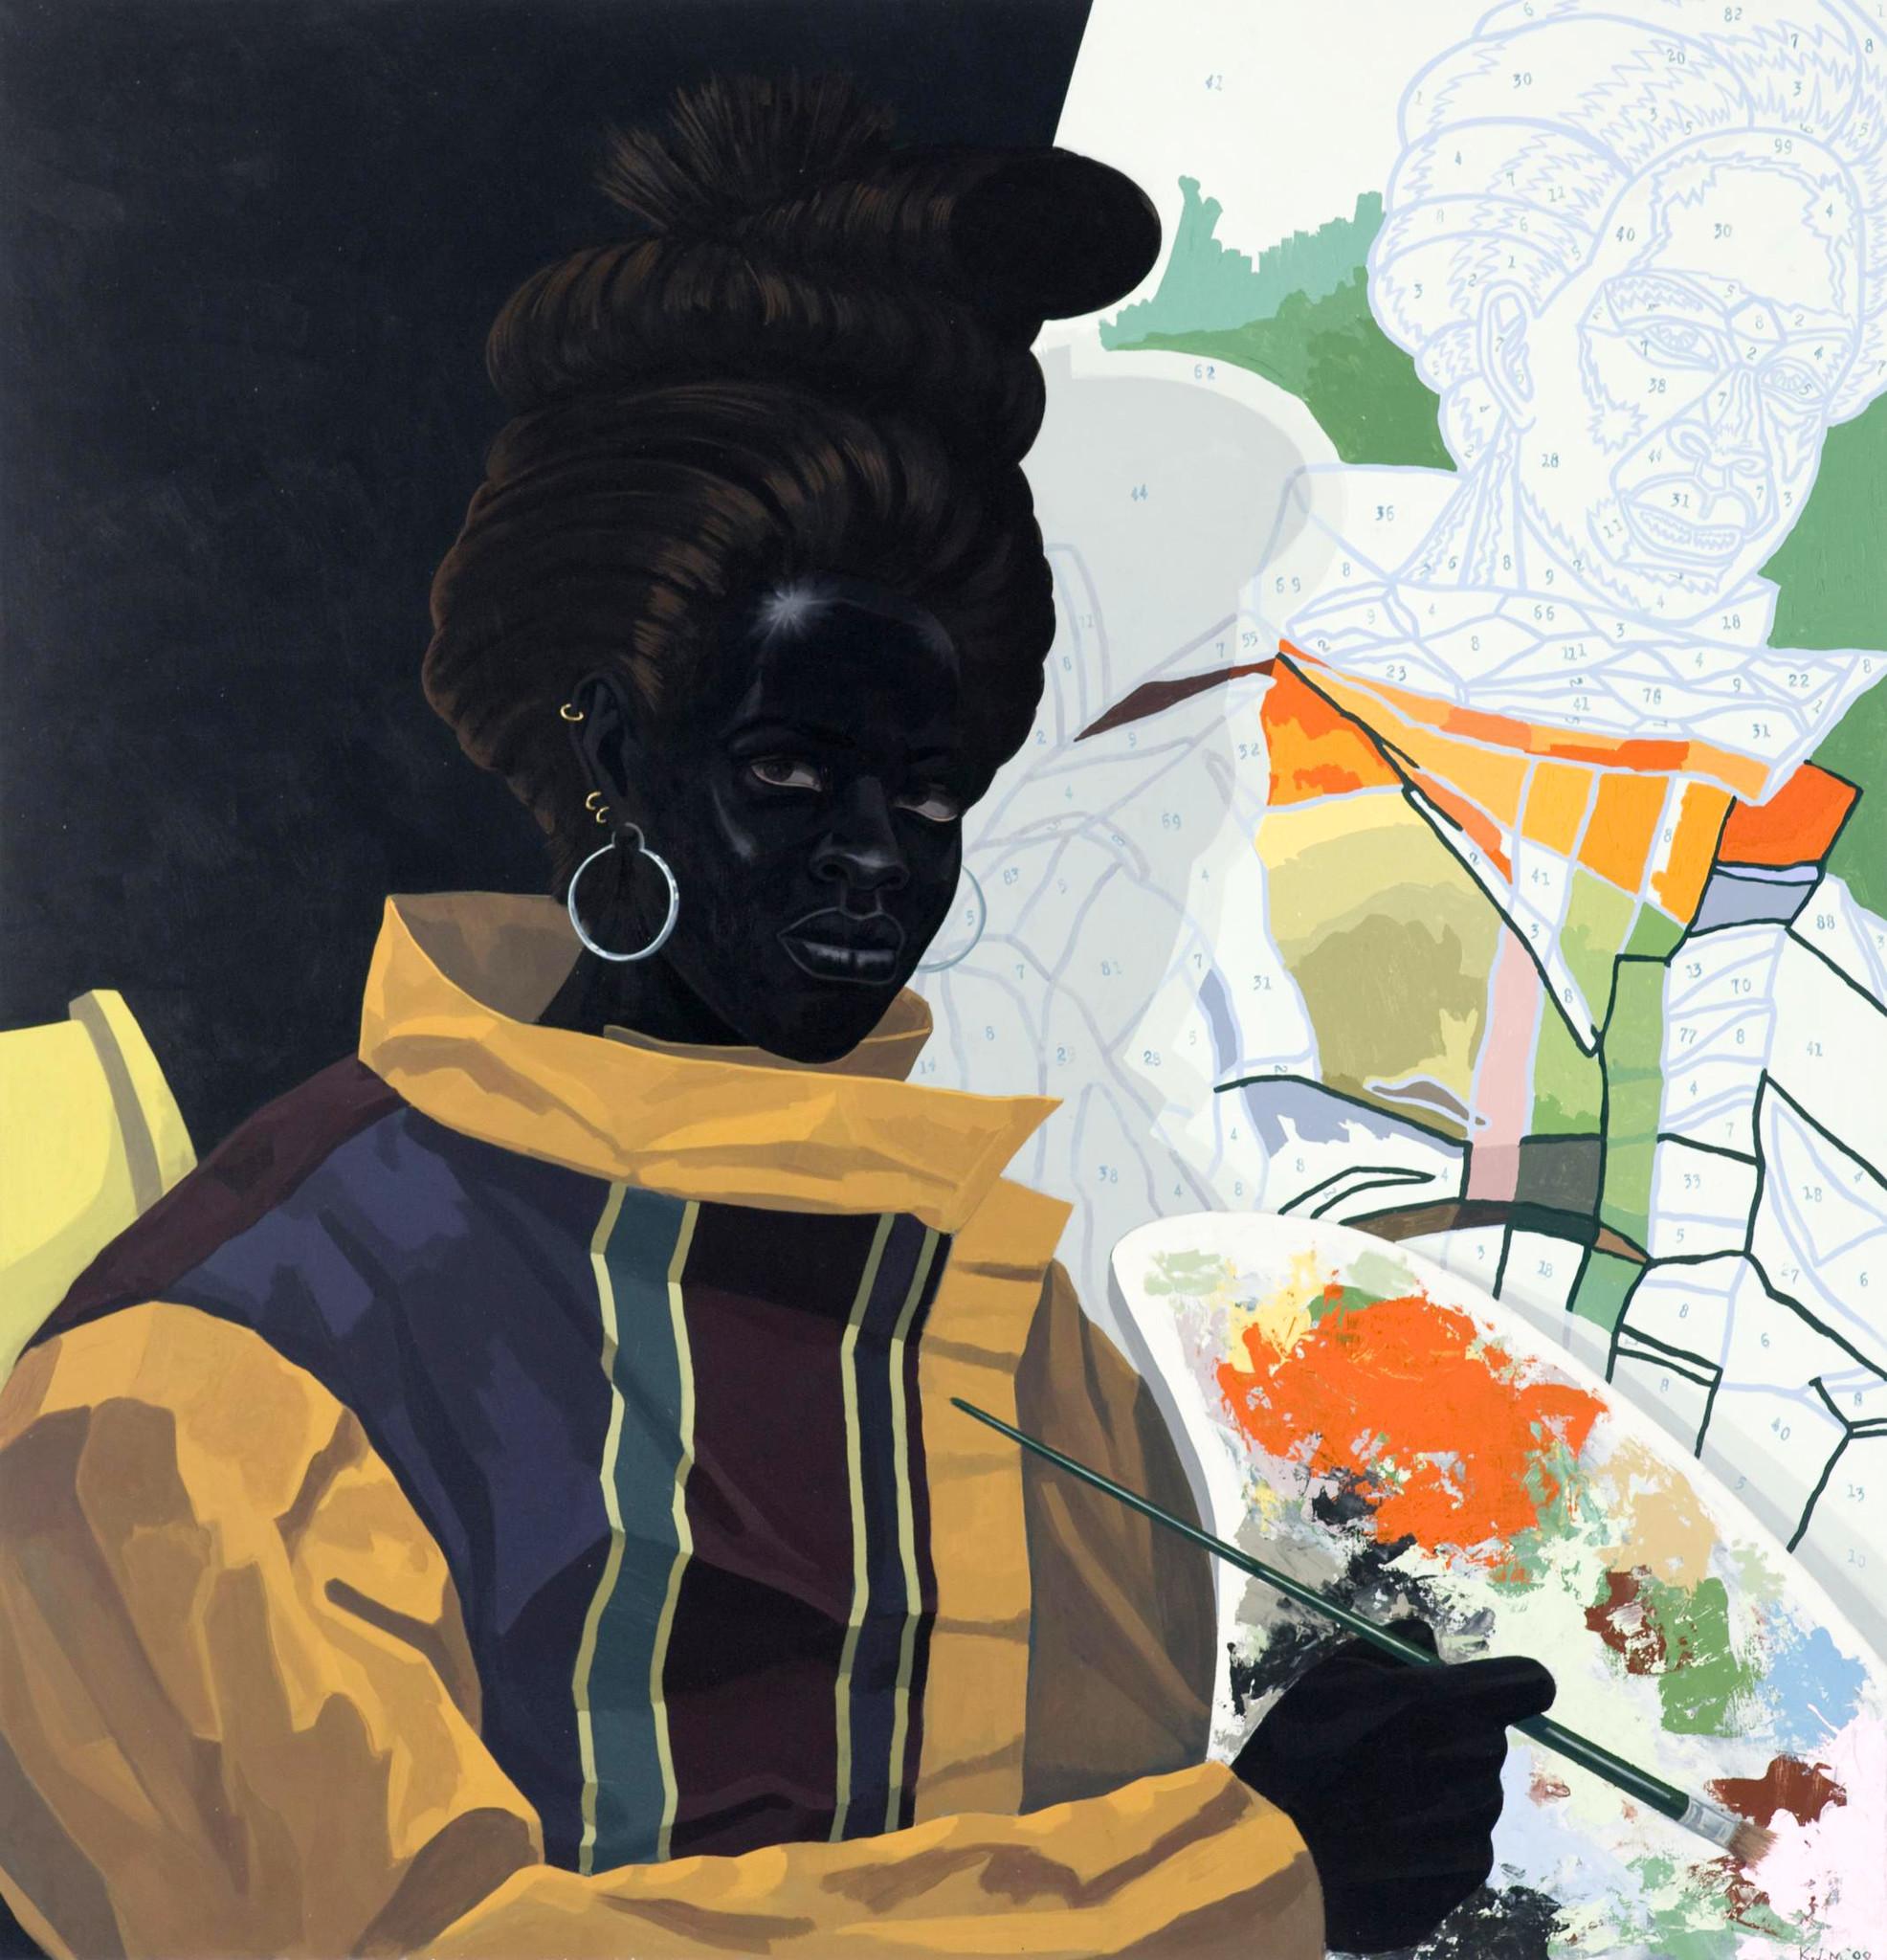 KJM painter